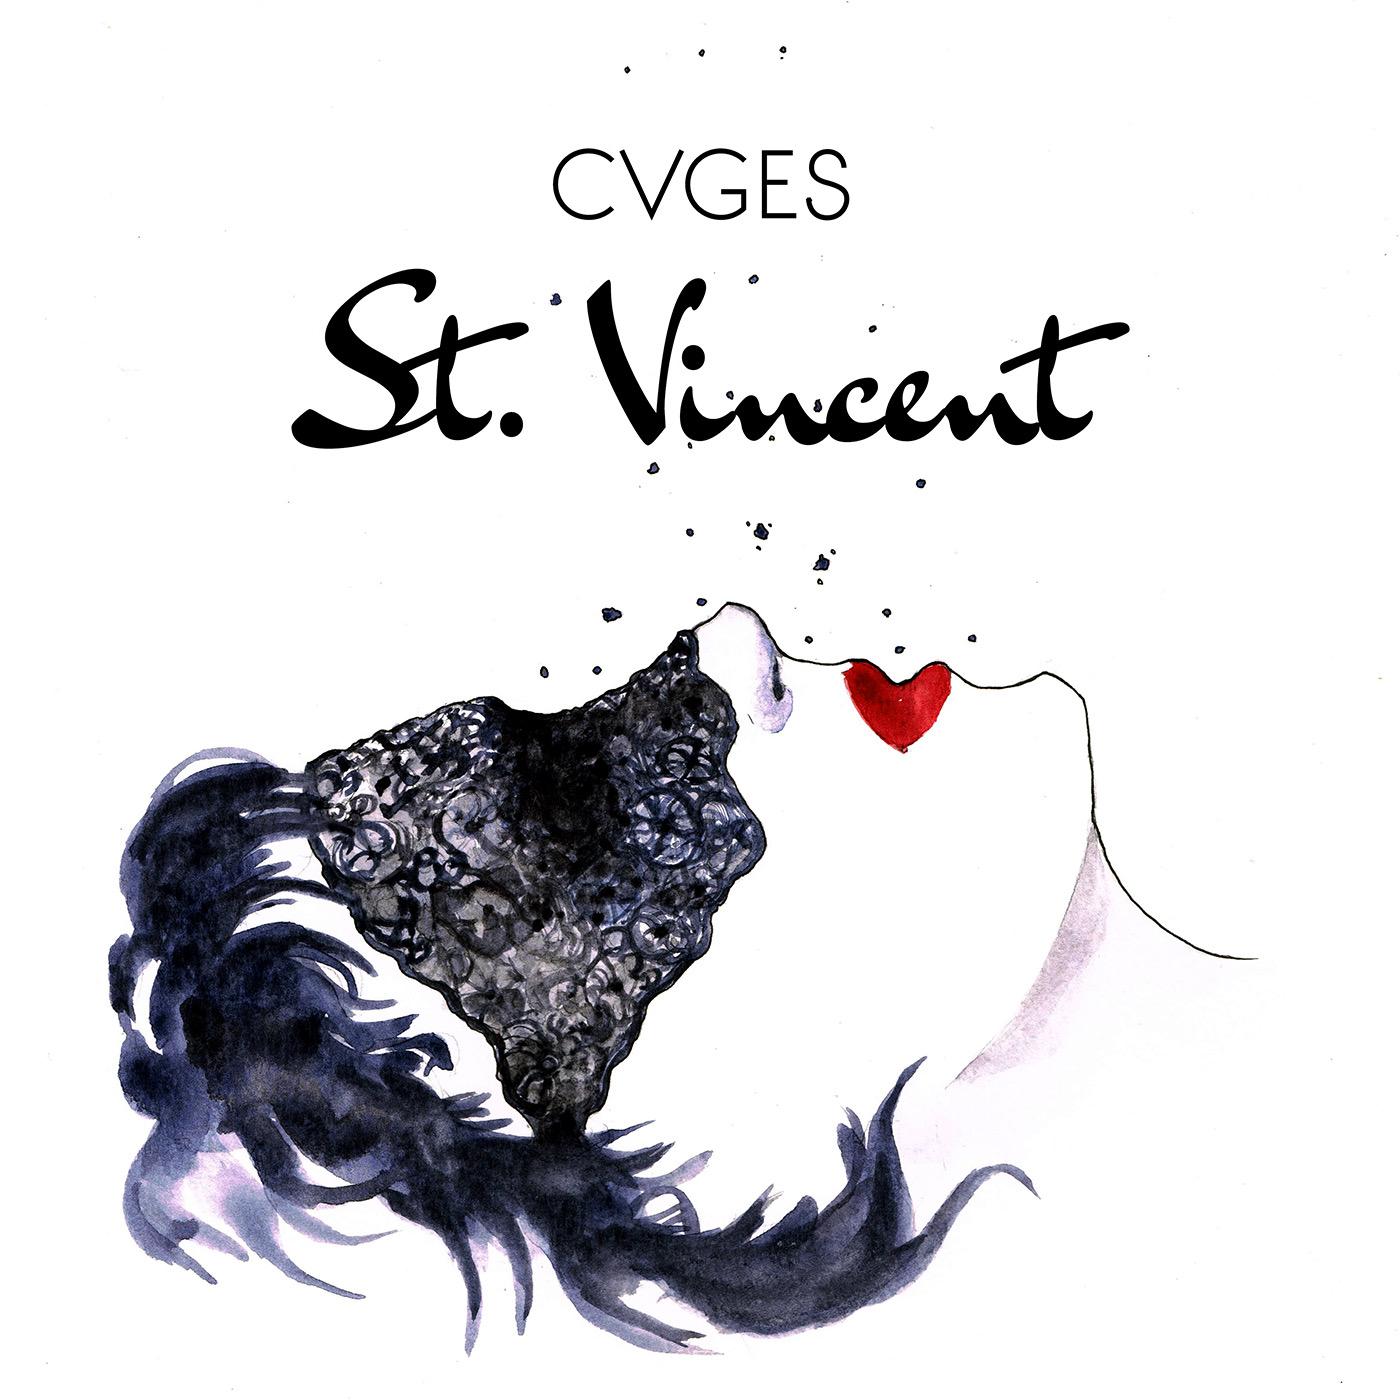 St. Vincent Artwork.jpg